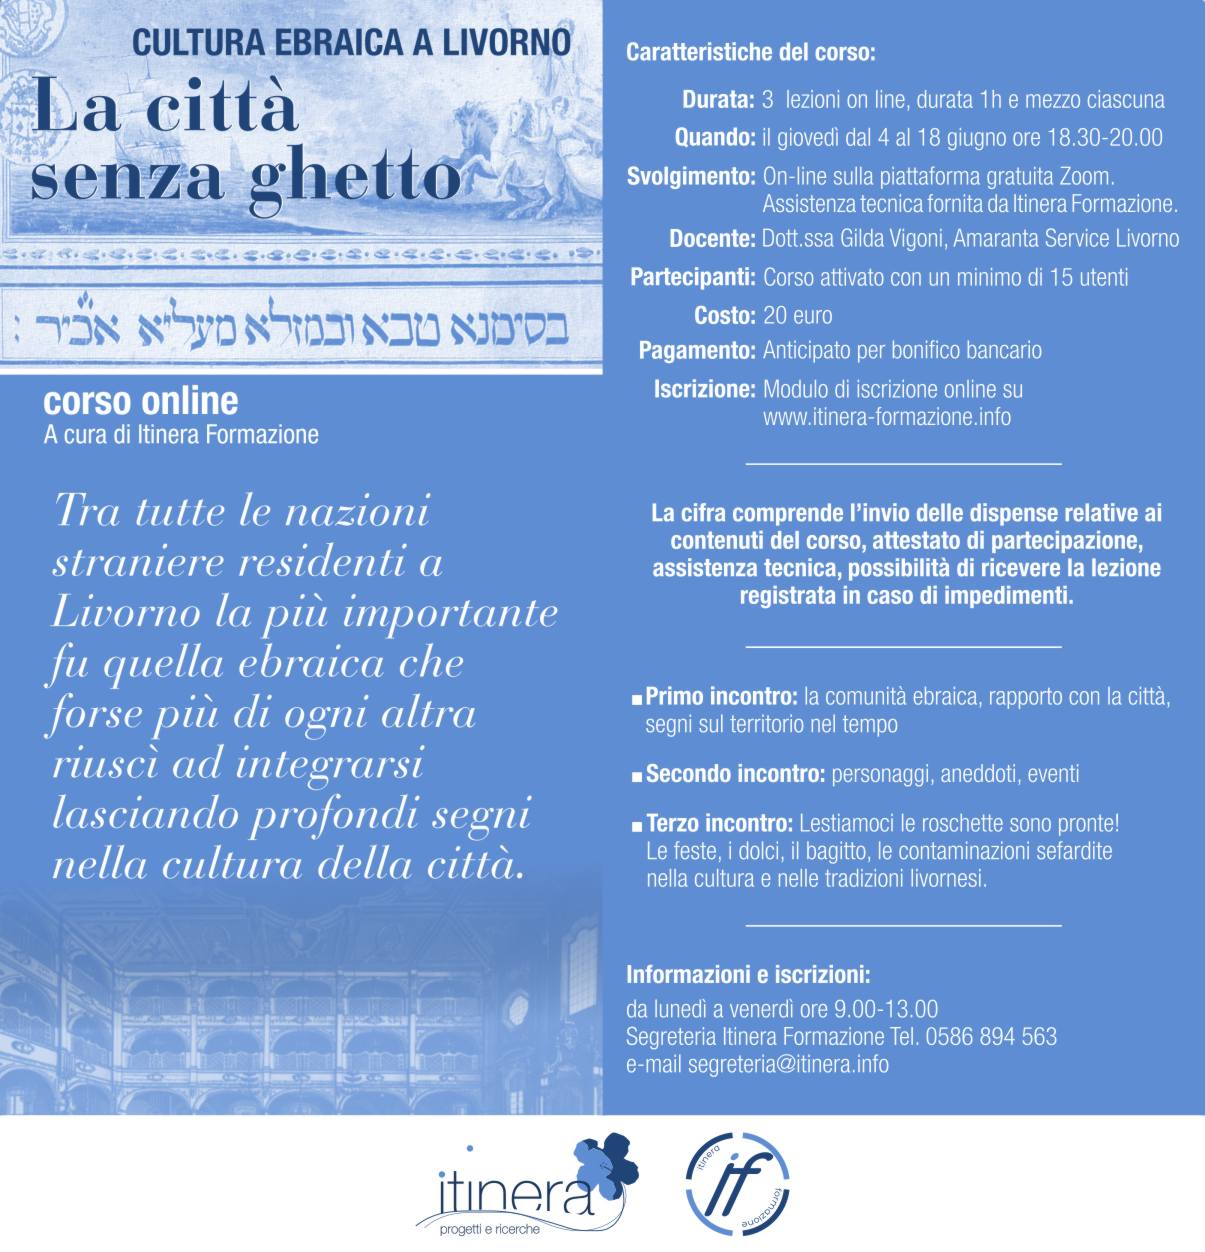 Corso Cultura Ebraica a Livorno